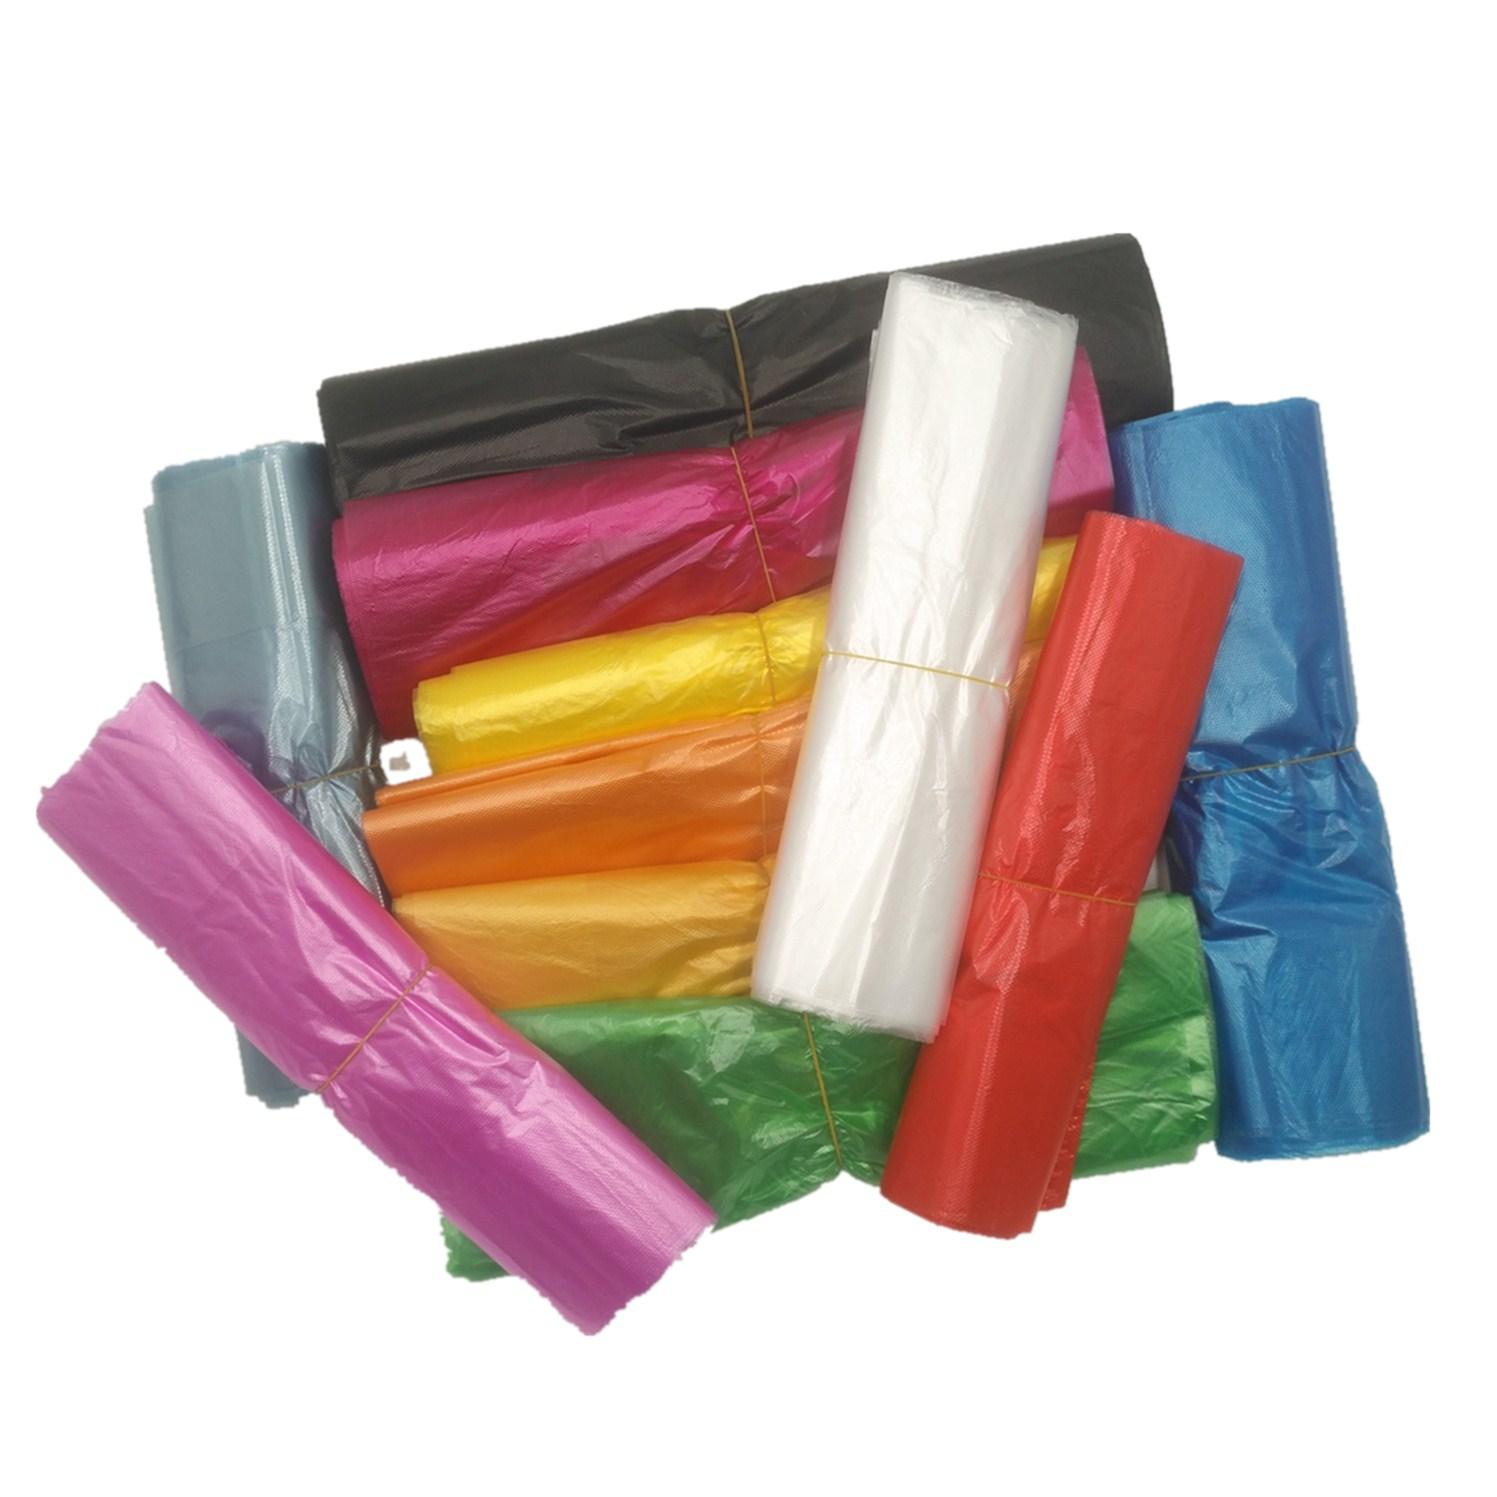 山东厂家超市手提袋 马甲背心塑料胶袋 定做透明食品购物方便袋